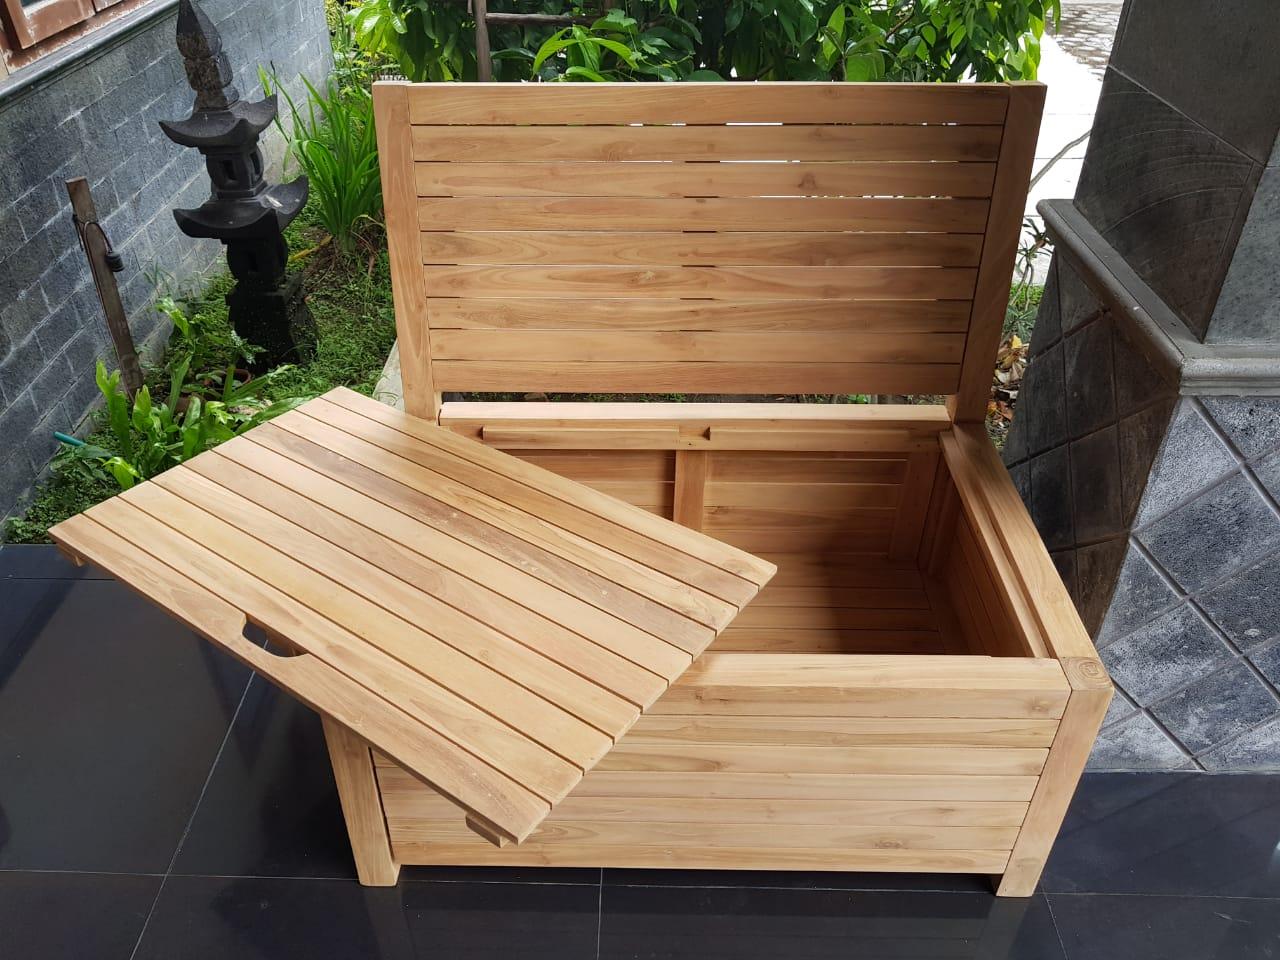 Het balkonbankje wordt gemaakt in Indonesië. Het hout van de balkon bank komt van duurzame plantages en bestaat deels uit gerecycled hout.